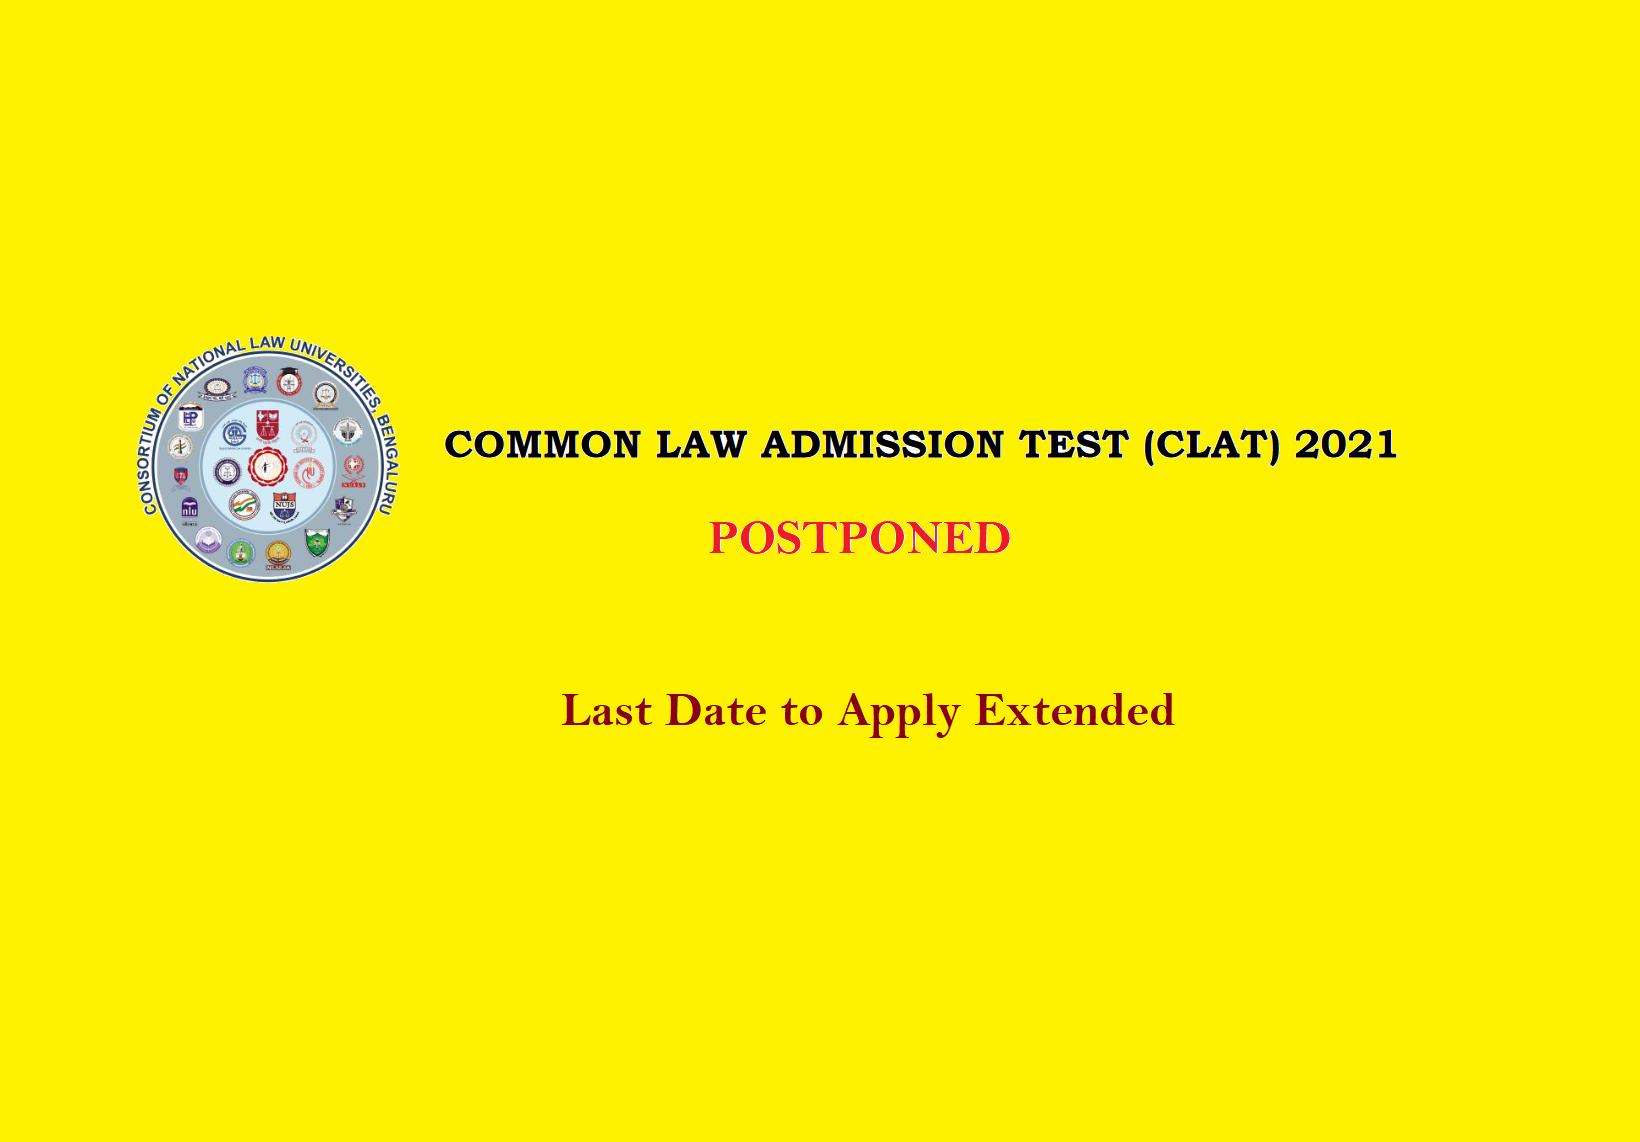 CLAT-2021 Postponed